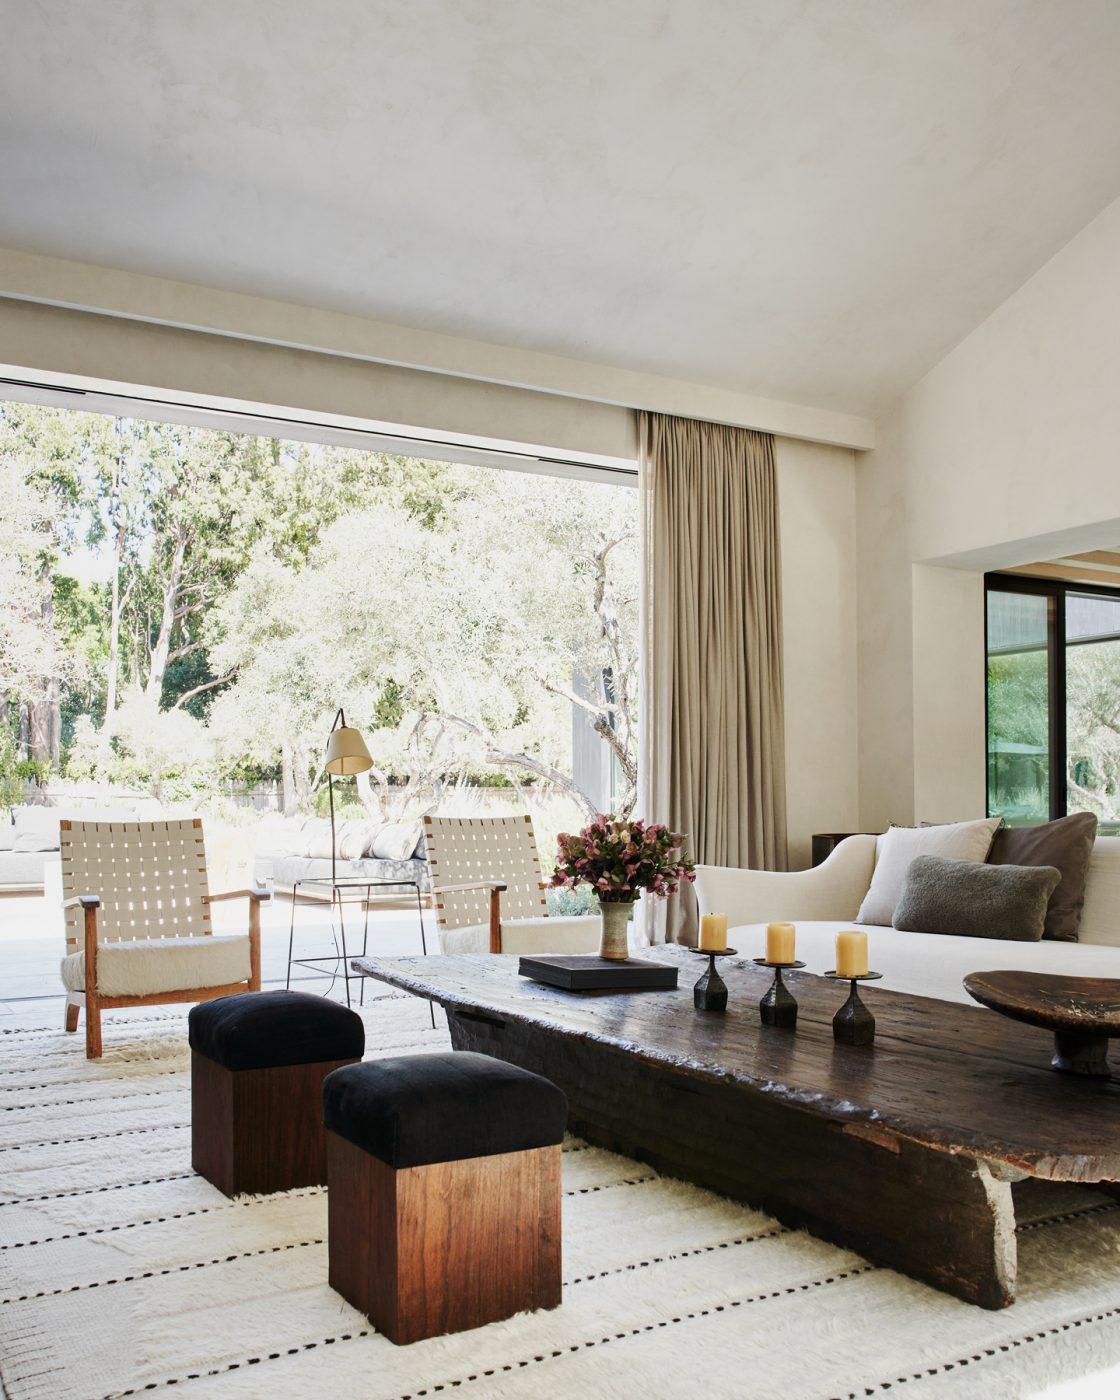 Living room designed by Alexander